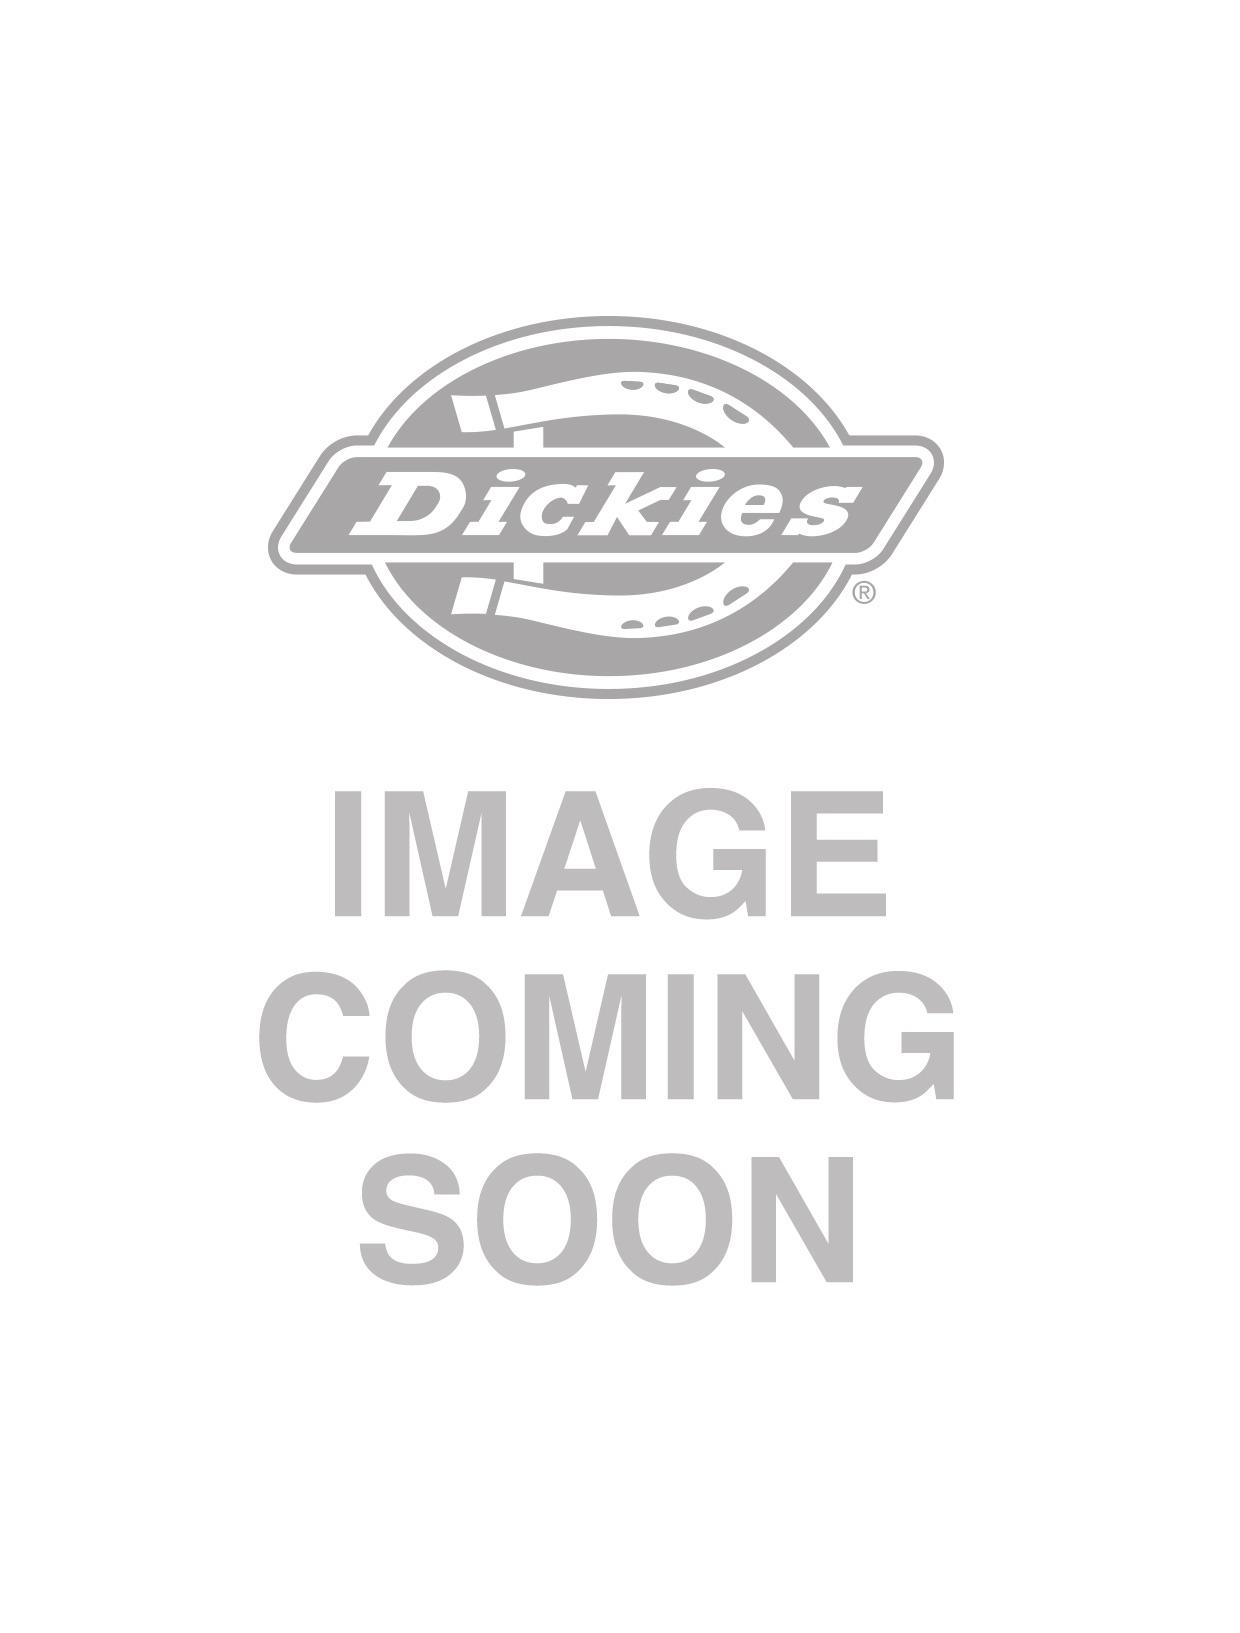 Dickies Dunmore Top Rucksack